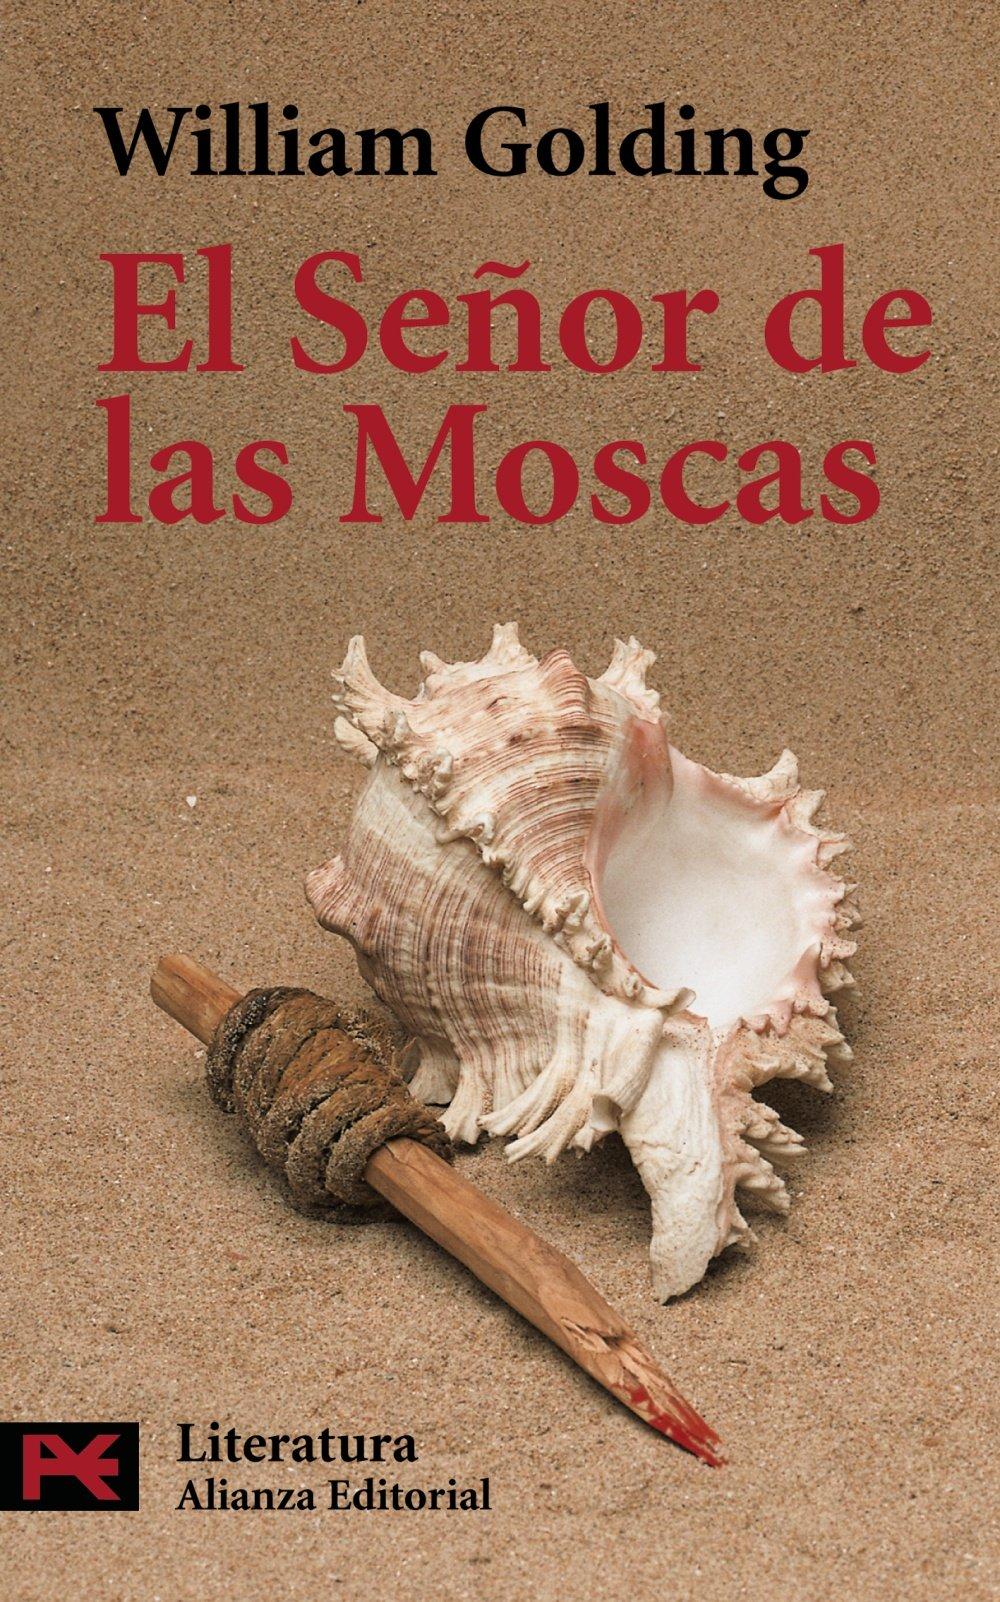 El Señor de las Moscas (El Libro De Bolsillo - Literatura) Tapa blanda – 15 may 2004 William Golding Carmen Vergara San Román Alianza 8420634115